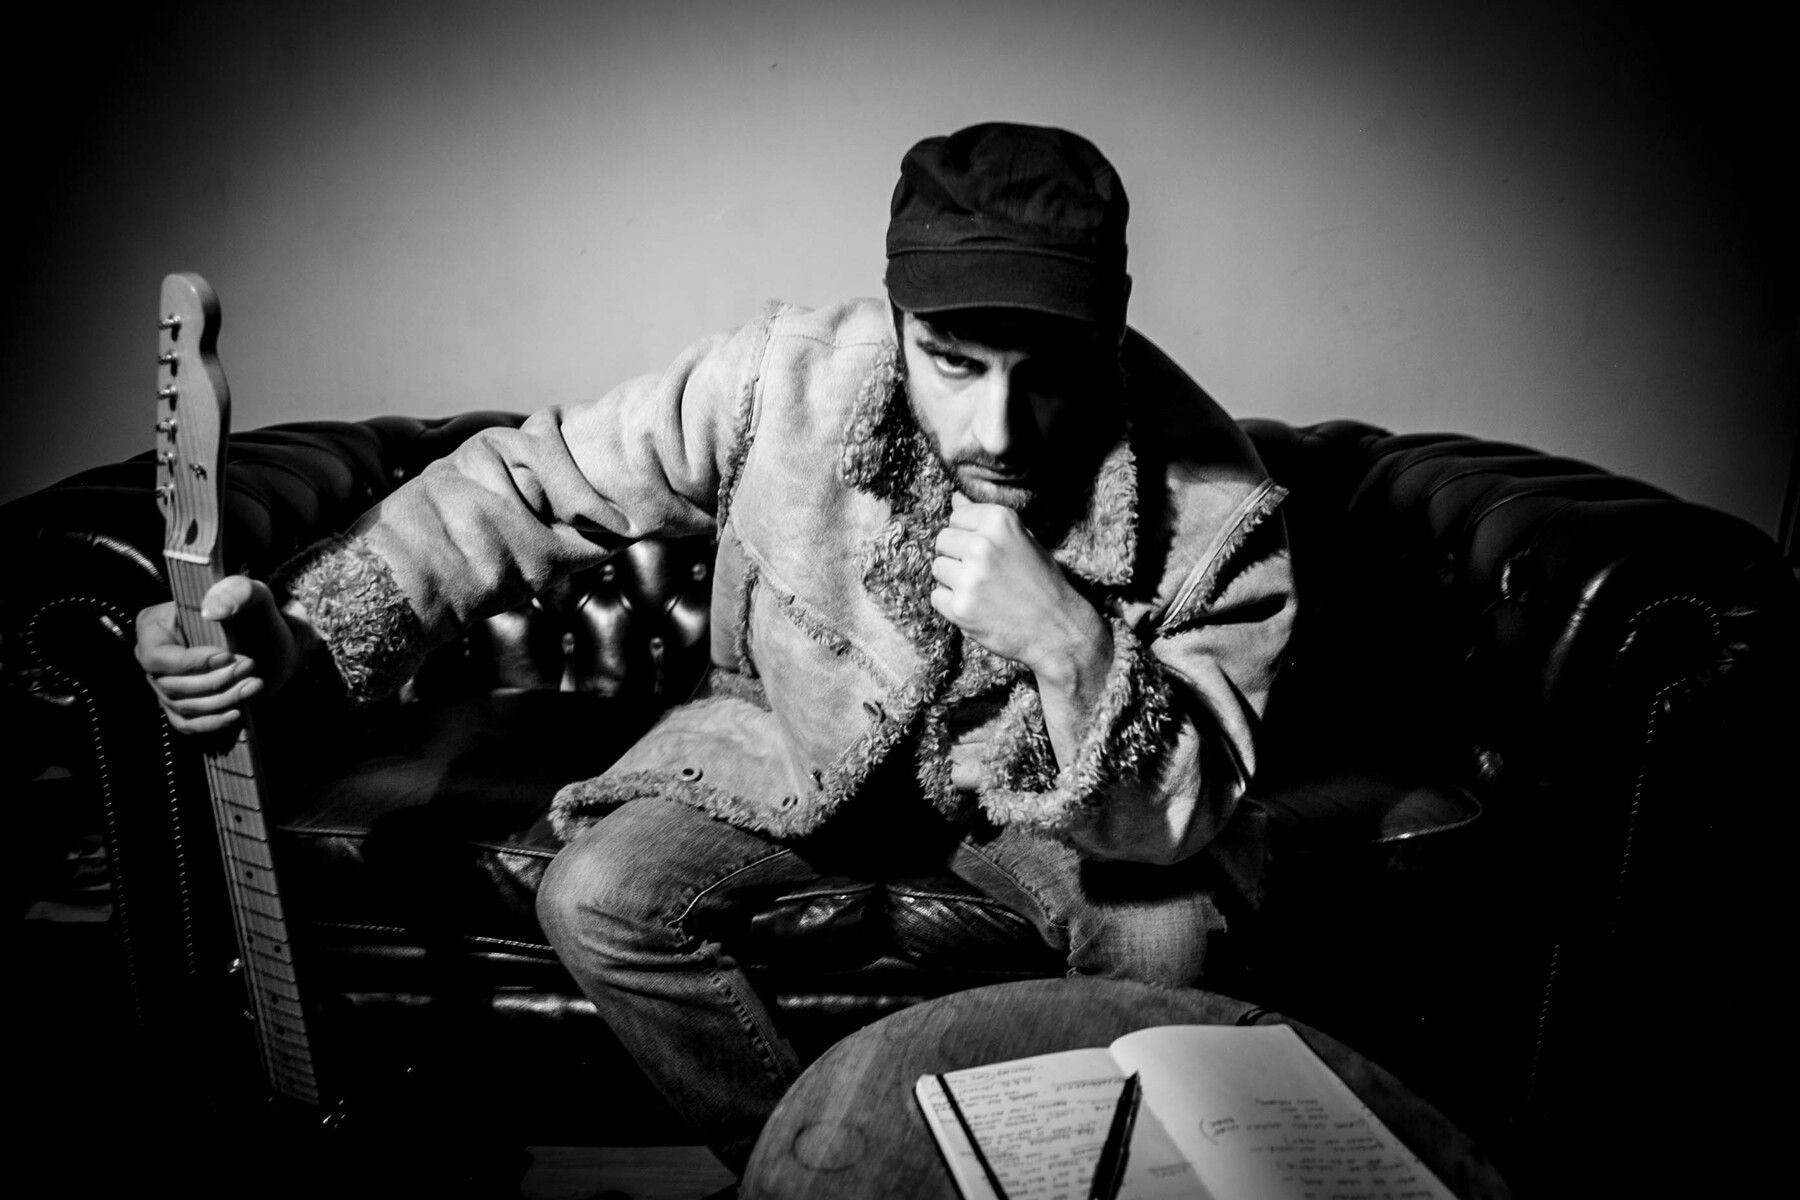 Adoro i generi musicali che si mischiano per dar vita a qualcosa di nuovo, di diverso - Intervista al cantautore e chitarrista Baschira